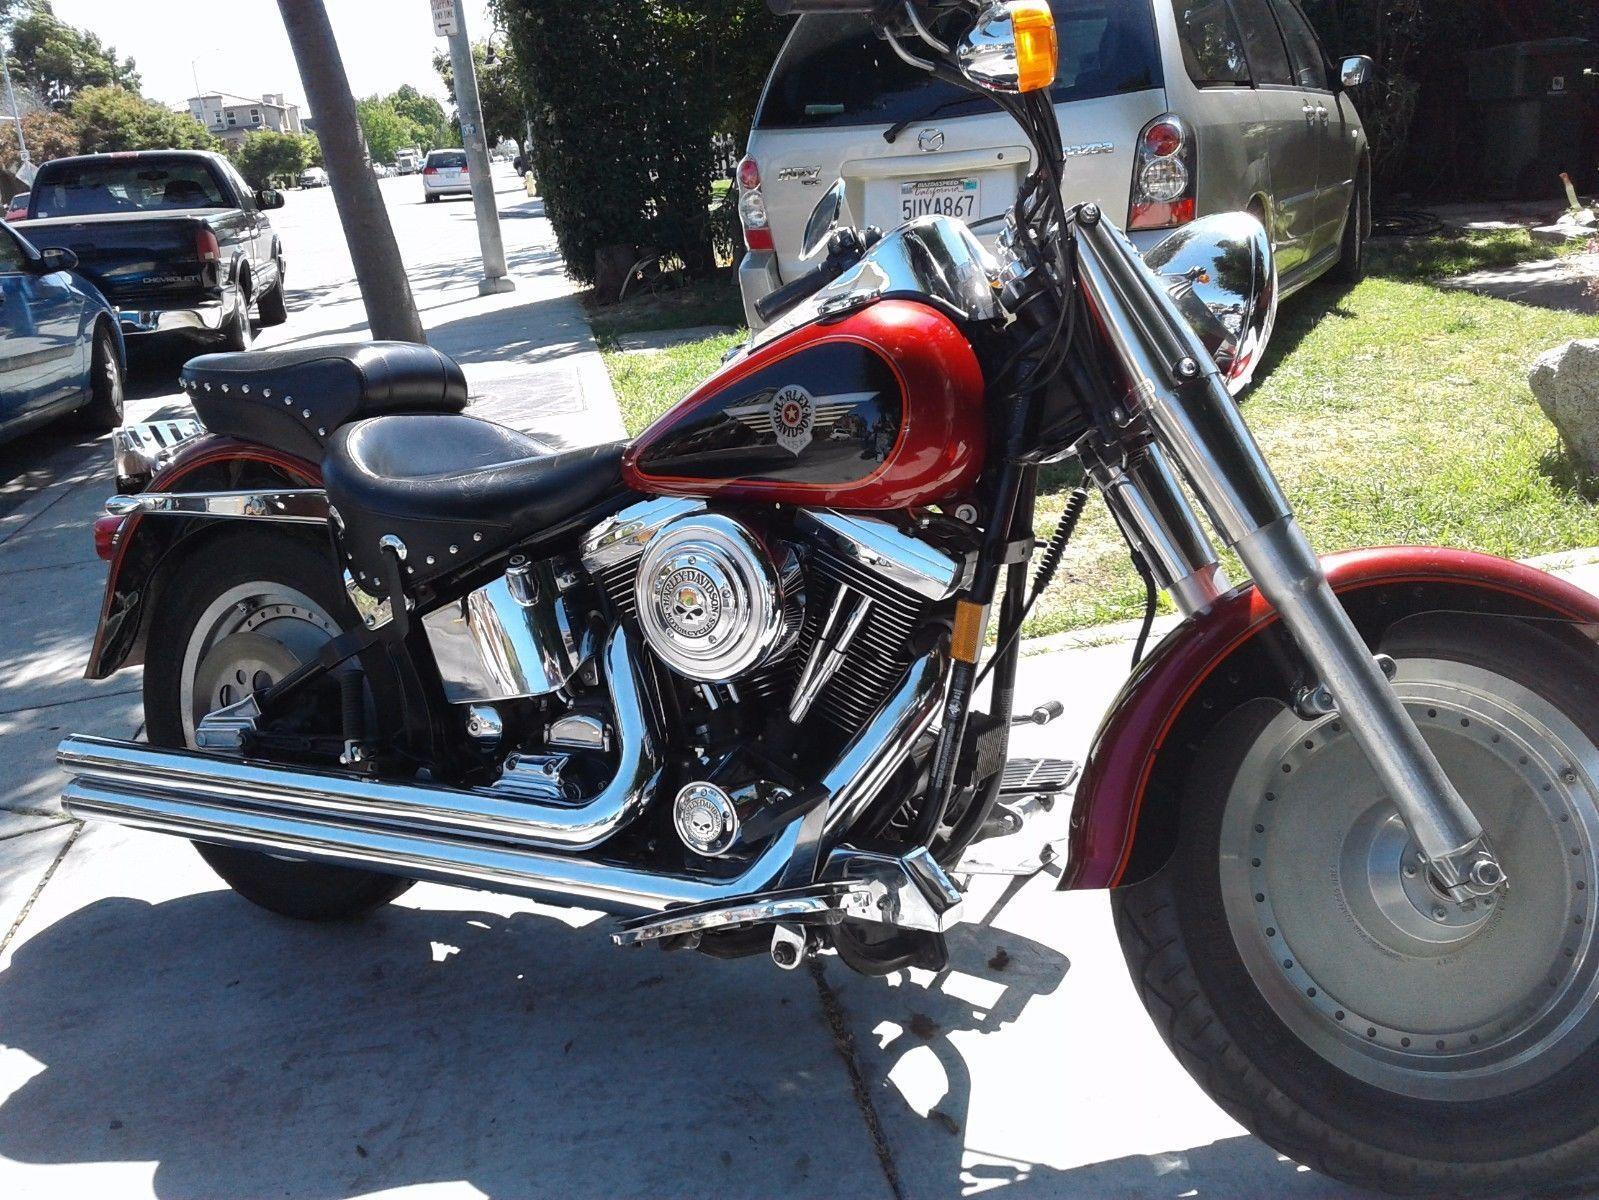 Ebay 1999 Harley Davidson Softail Fantastic 1999 Harley Davidson Fatboy Same Model Arnold Rode In Terminator 2 Harl Harley Fatboy Harley Davidson Harley Da